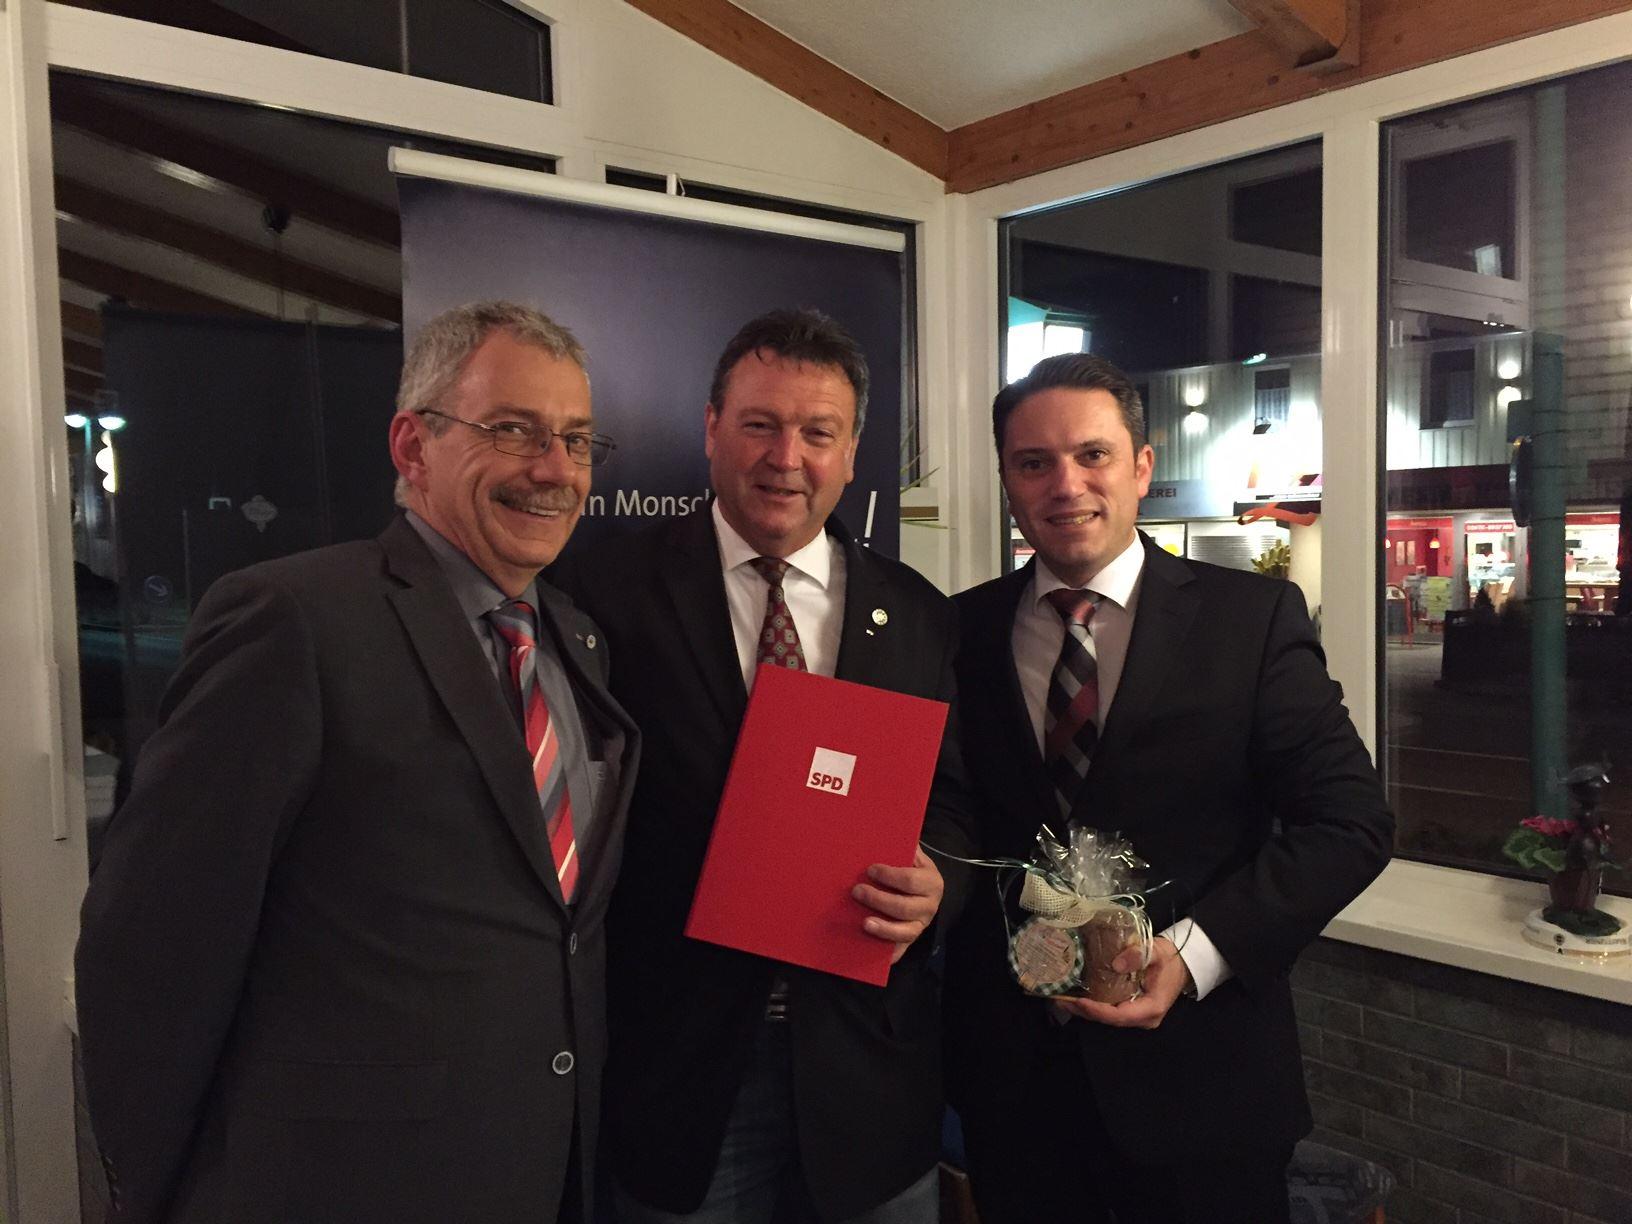 Georg Alt, Vorsitzender SPD Monschau; Gregor Mathar. Vorsitzender SPD-Fraktion im Rat der Stadt Monschau; Stefan Kämmerling  MdL (v. l. n. r.)